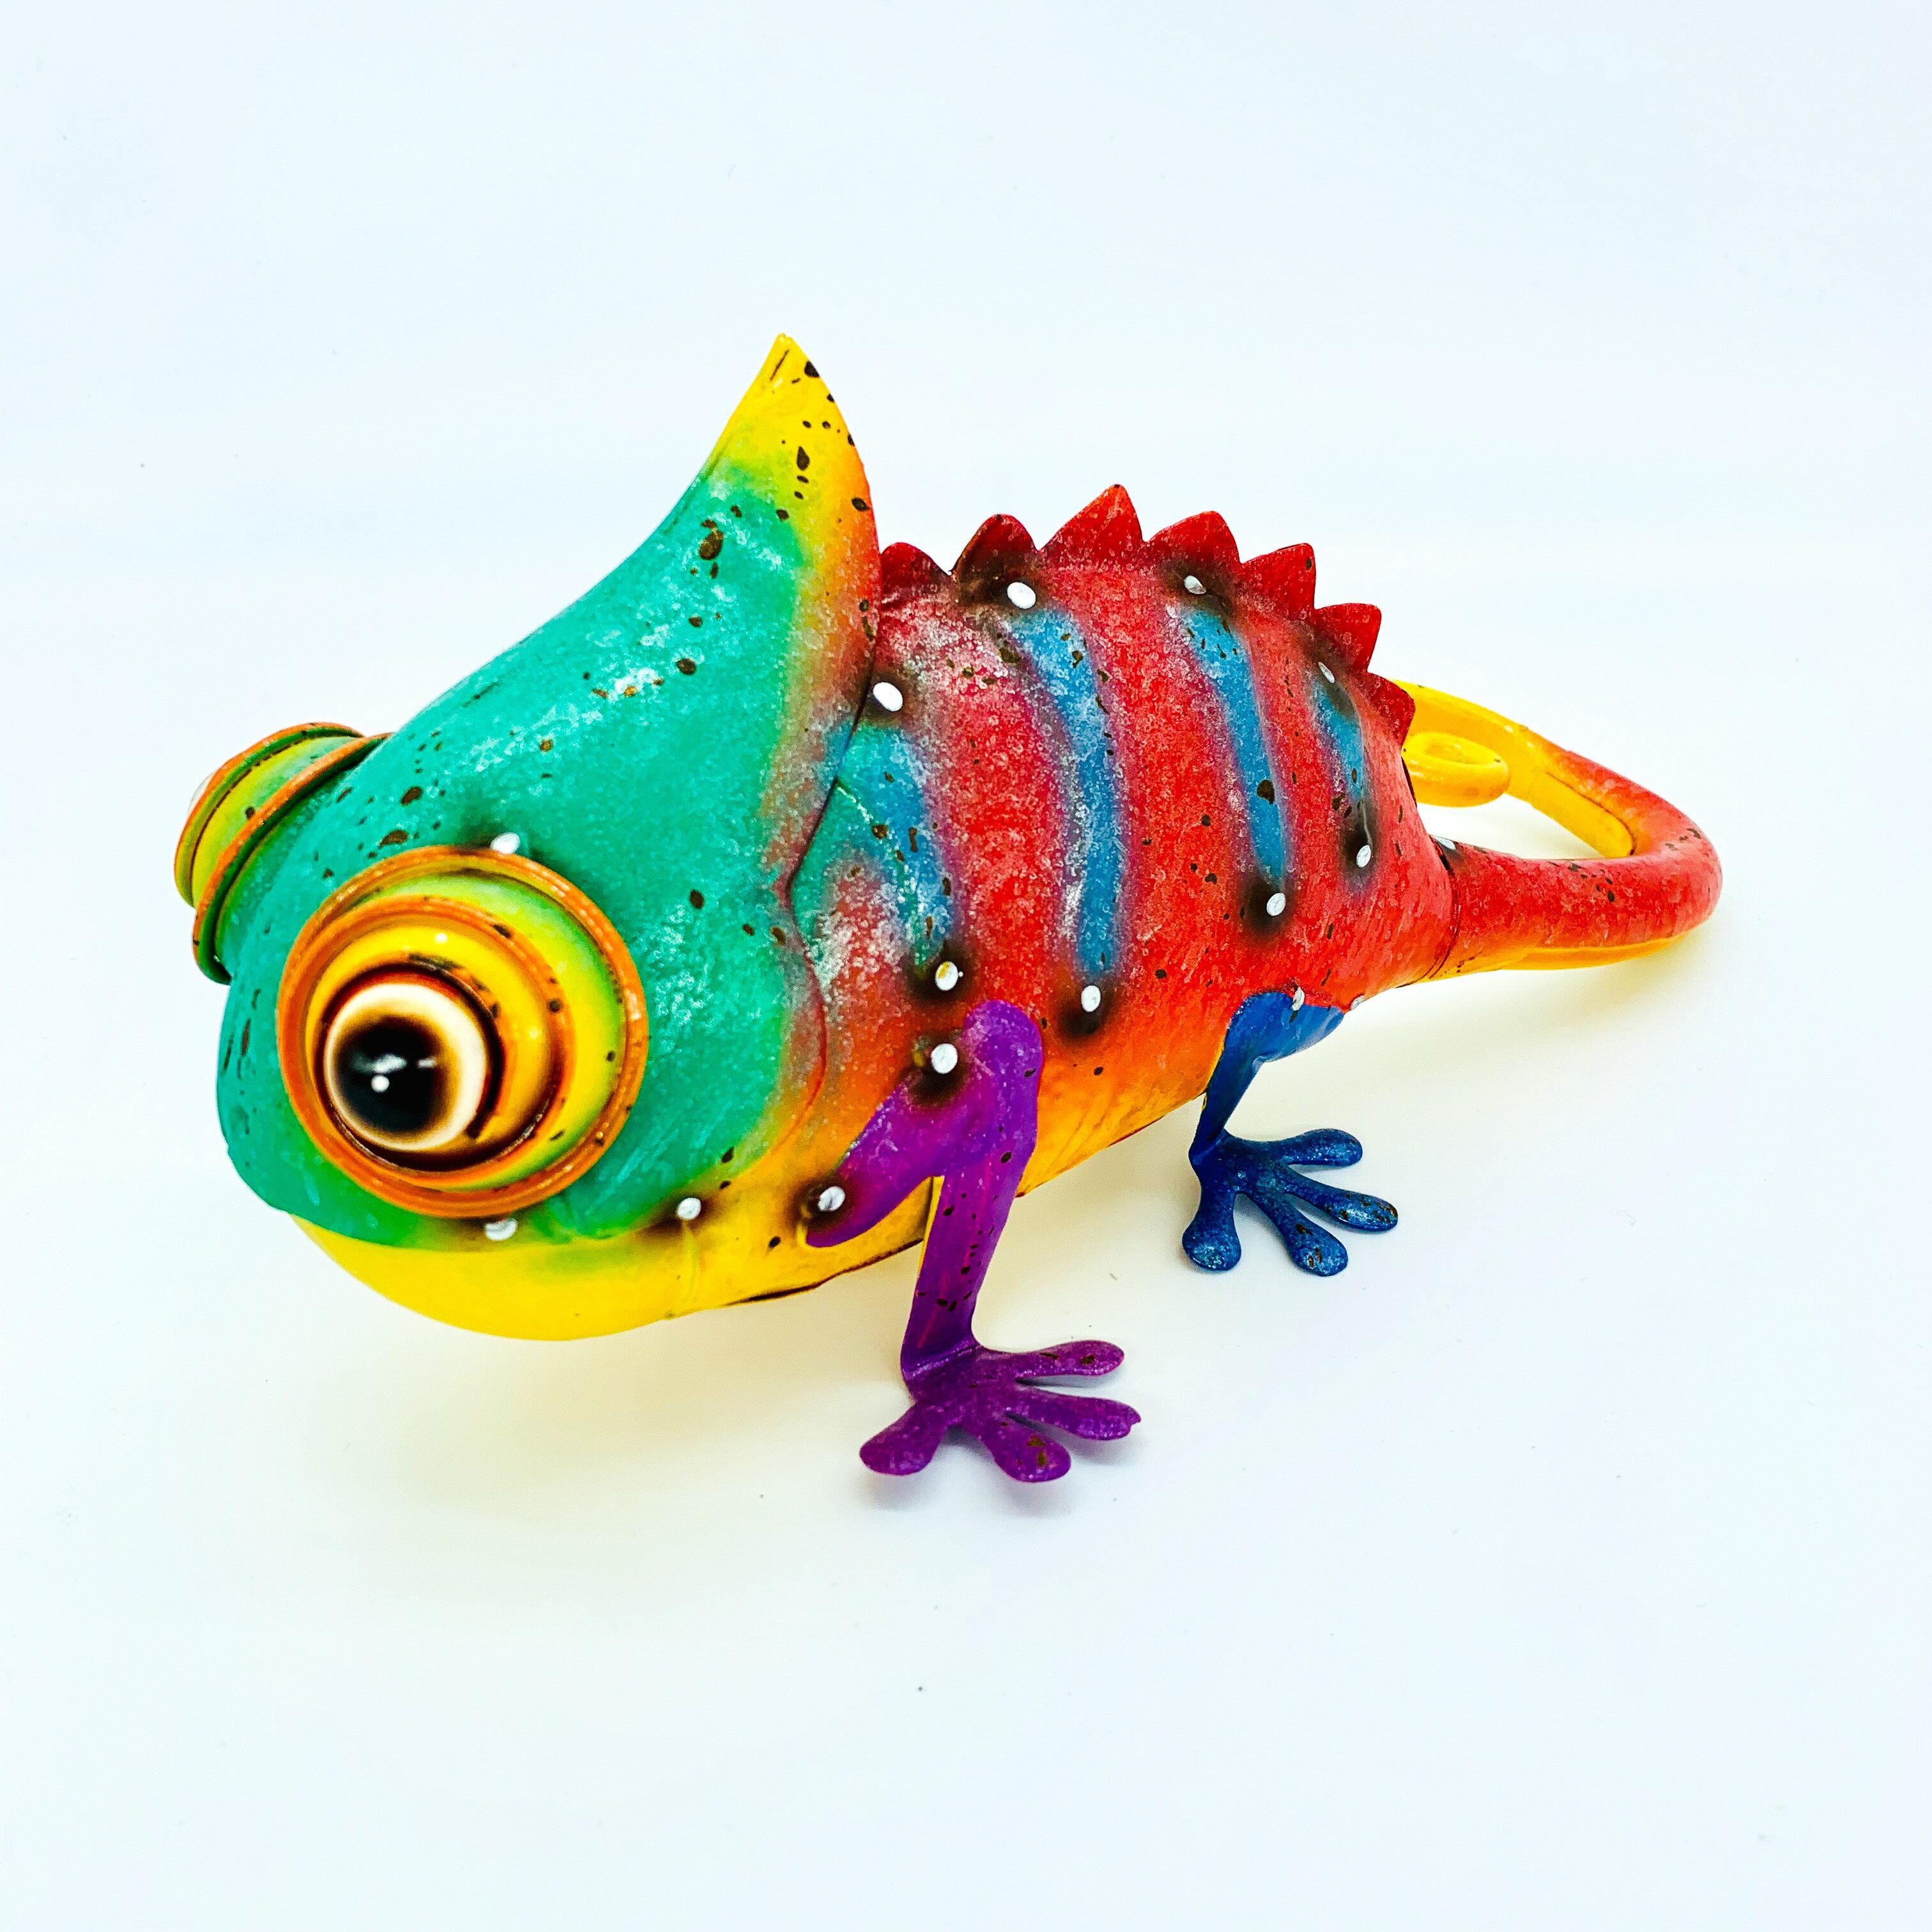 日本高山 絕版品限量供應 動物擺飾 繽紛變色龍 日本直送 日本設計 生鐵手作可愛多采風格擺飾 不會再有 把握機會 0